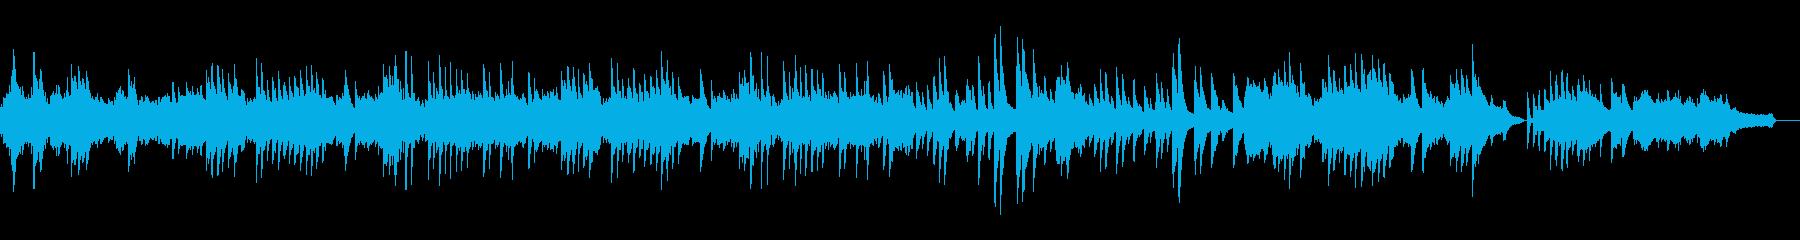 トロイメライを軽快なソロピアノでカバー1の再生済みの波形